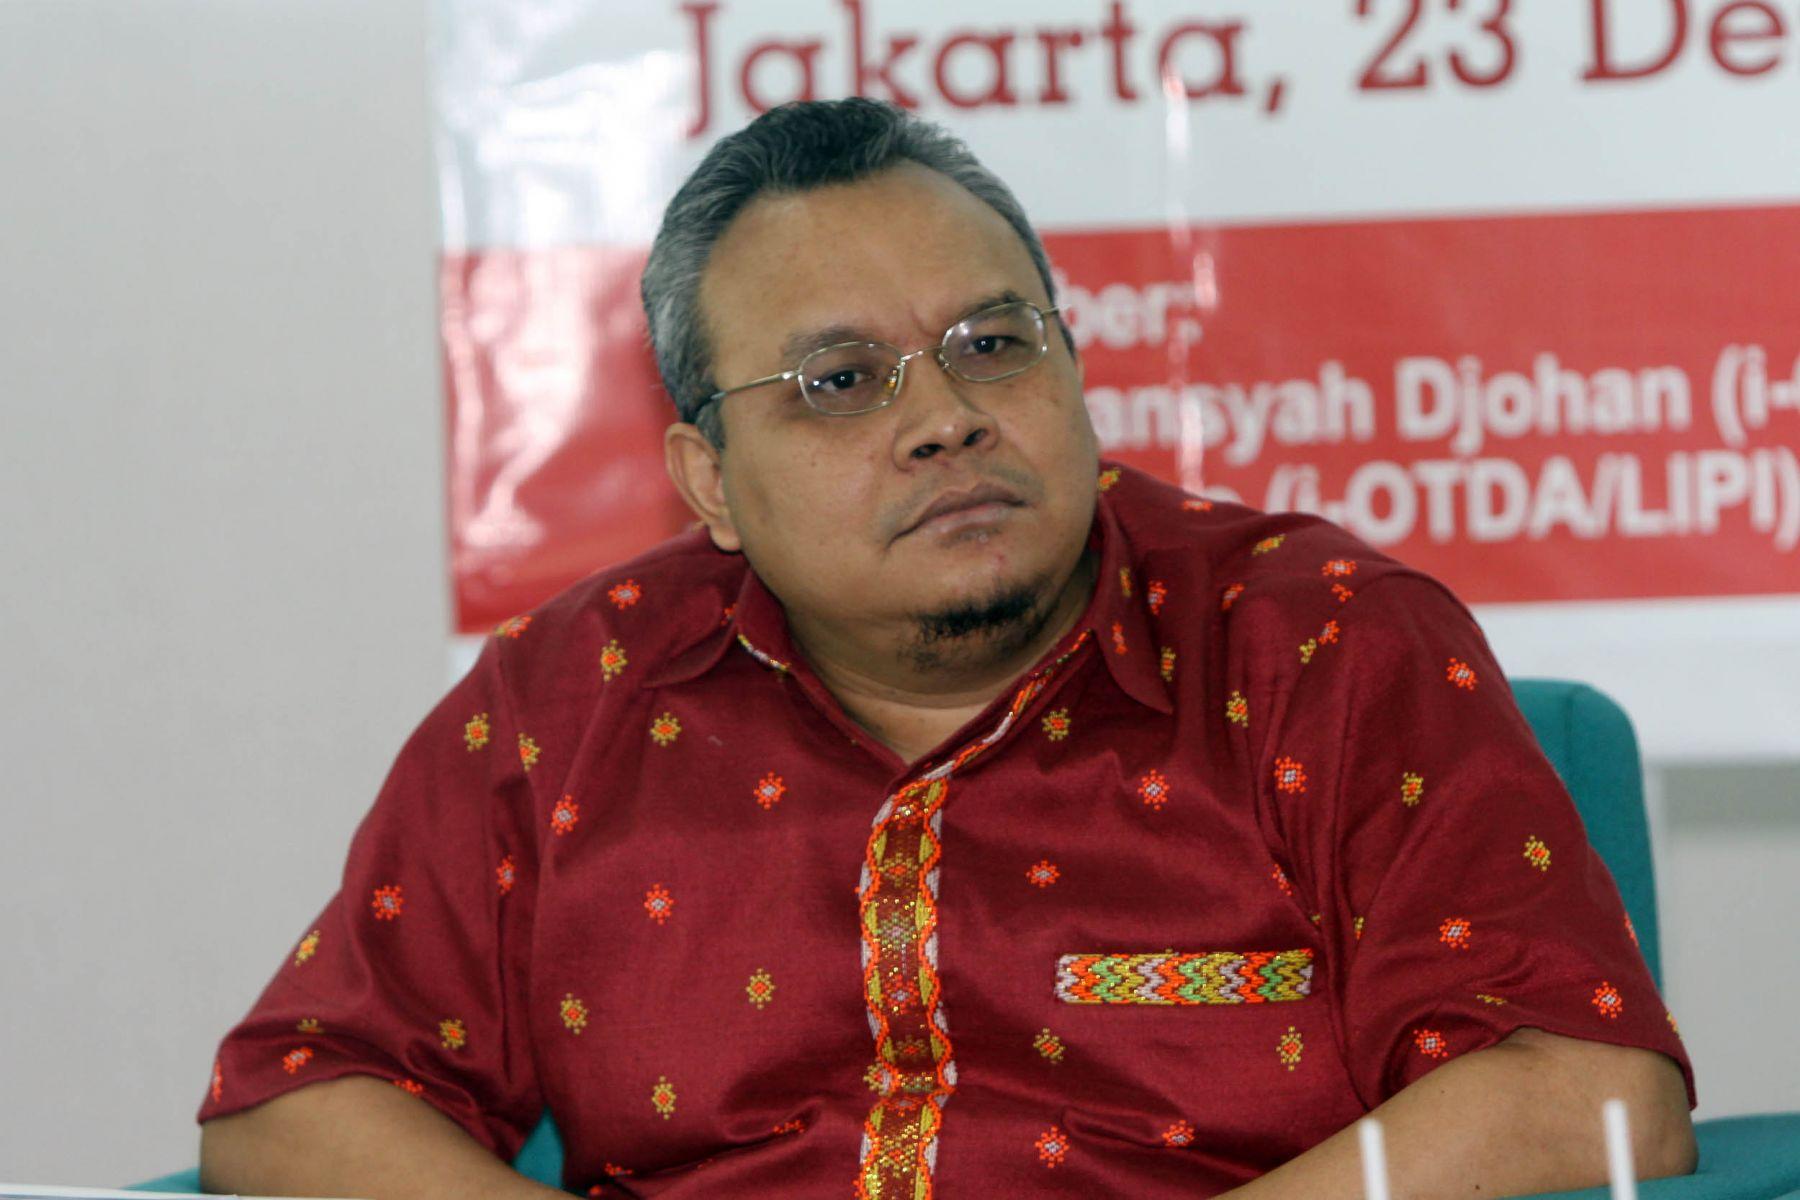 51 Pegawai KPK Dipecat, Ombudsman: Ada Kepentingan Apa Ini Sebenarnya?